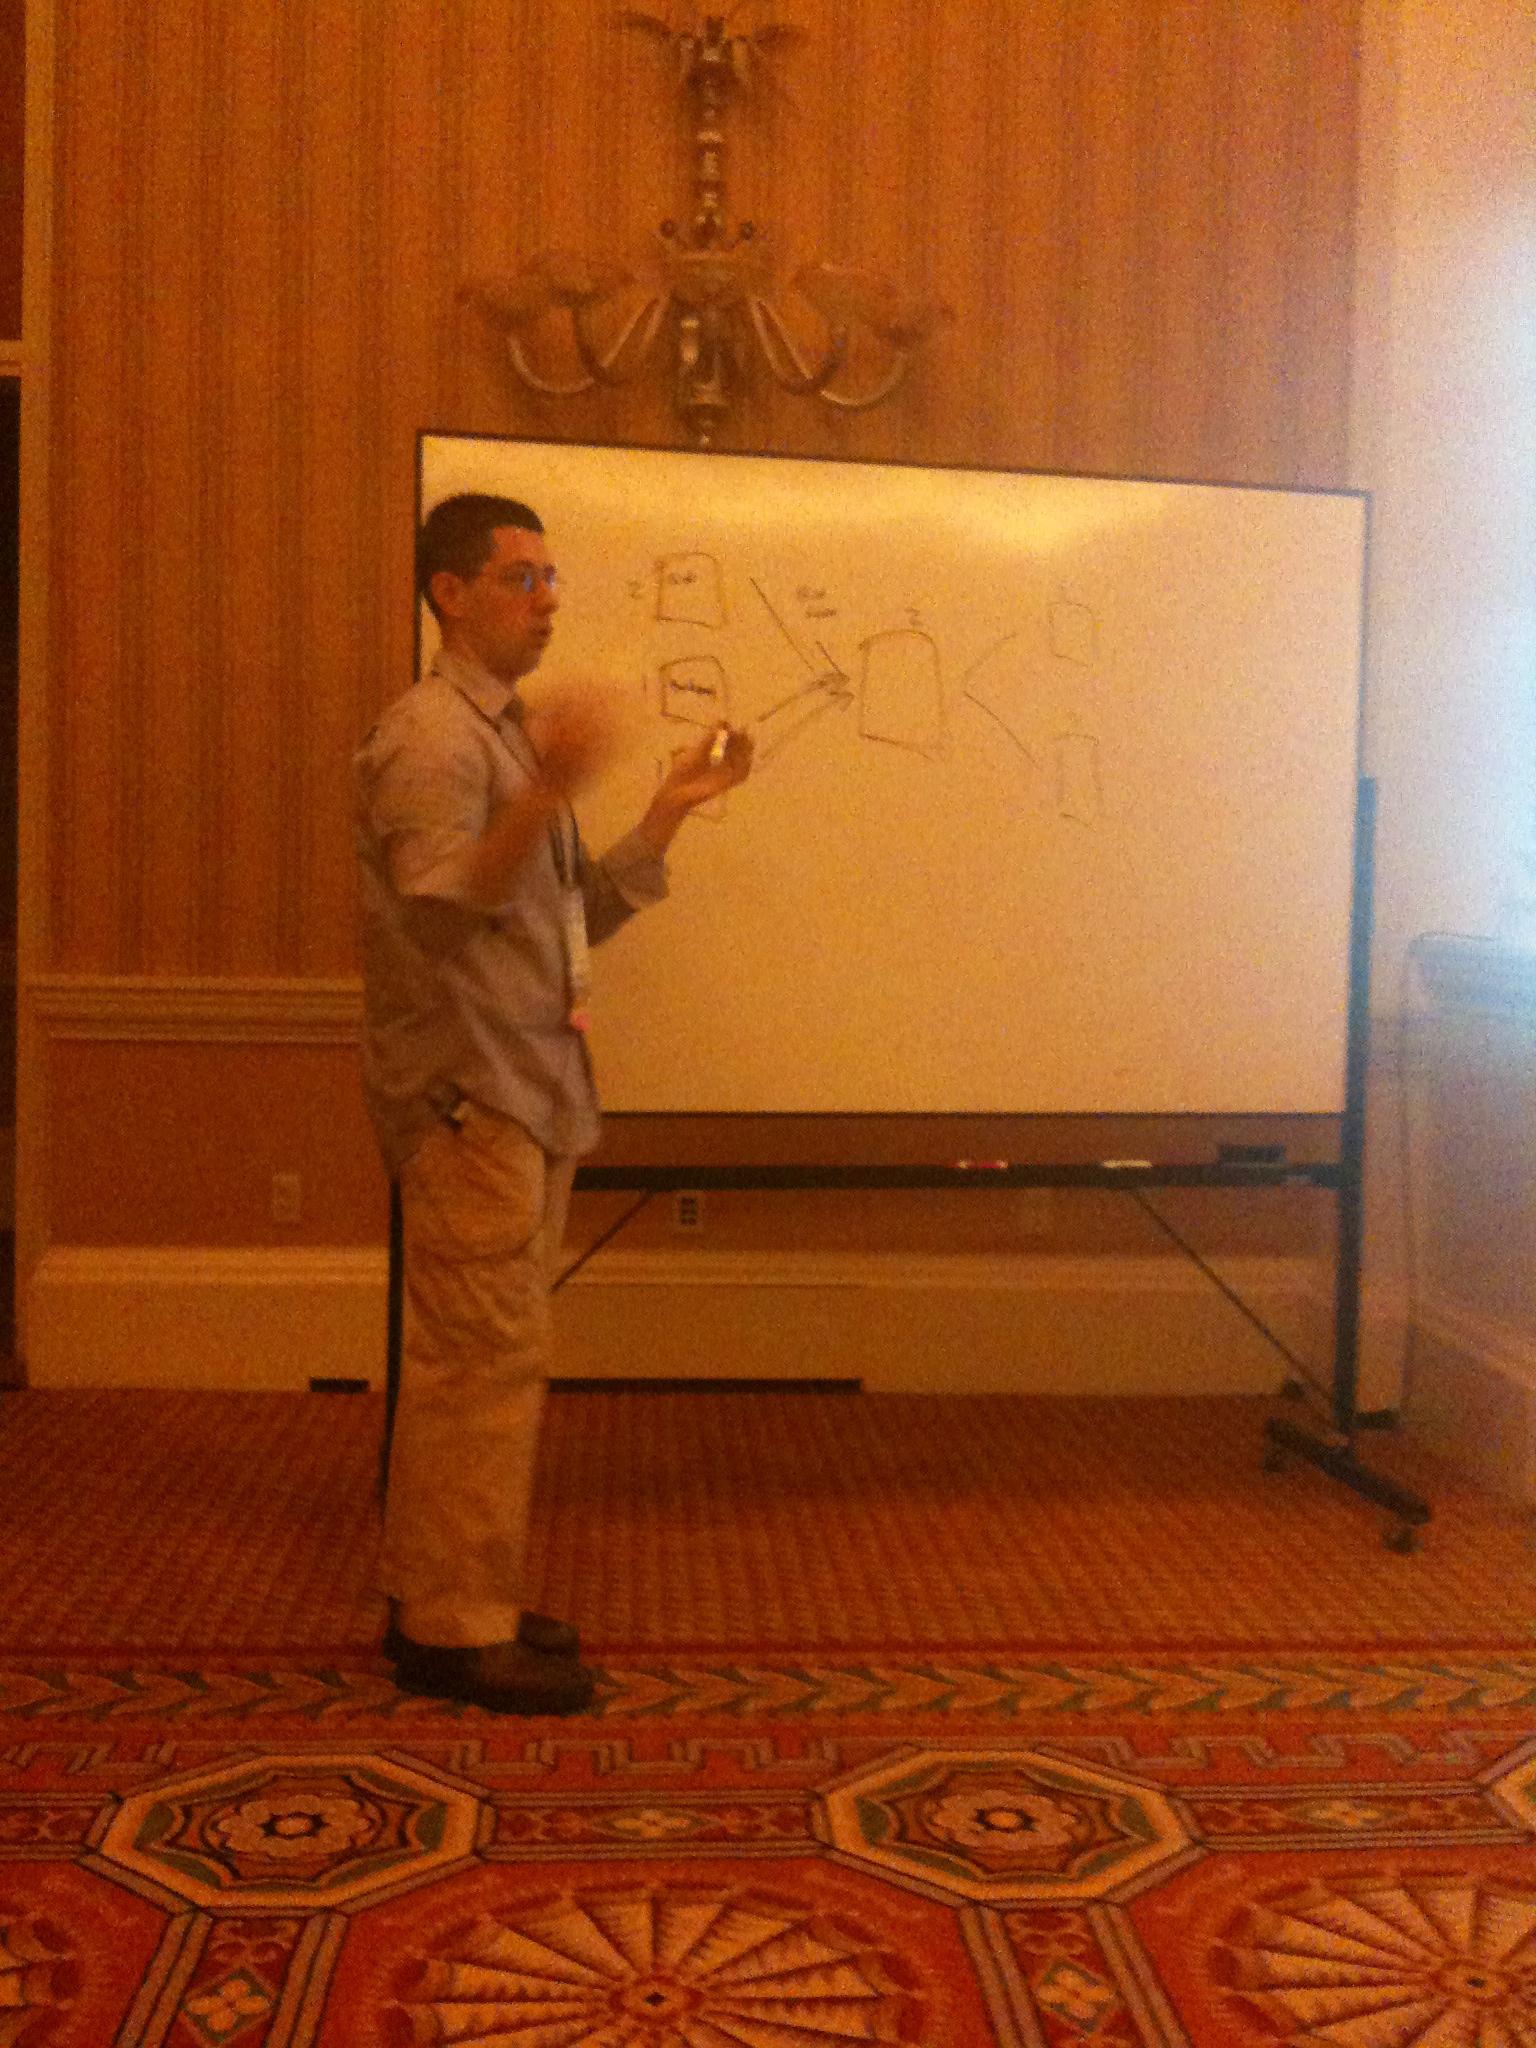 Whiteboarding with Eric Nagel